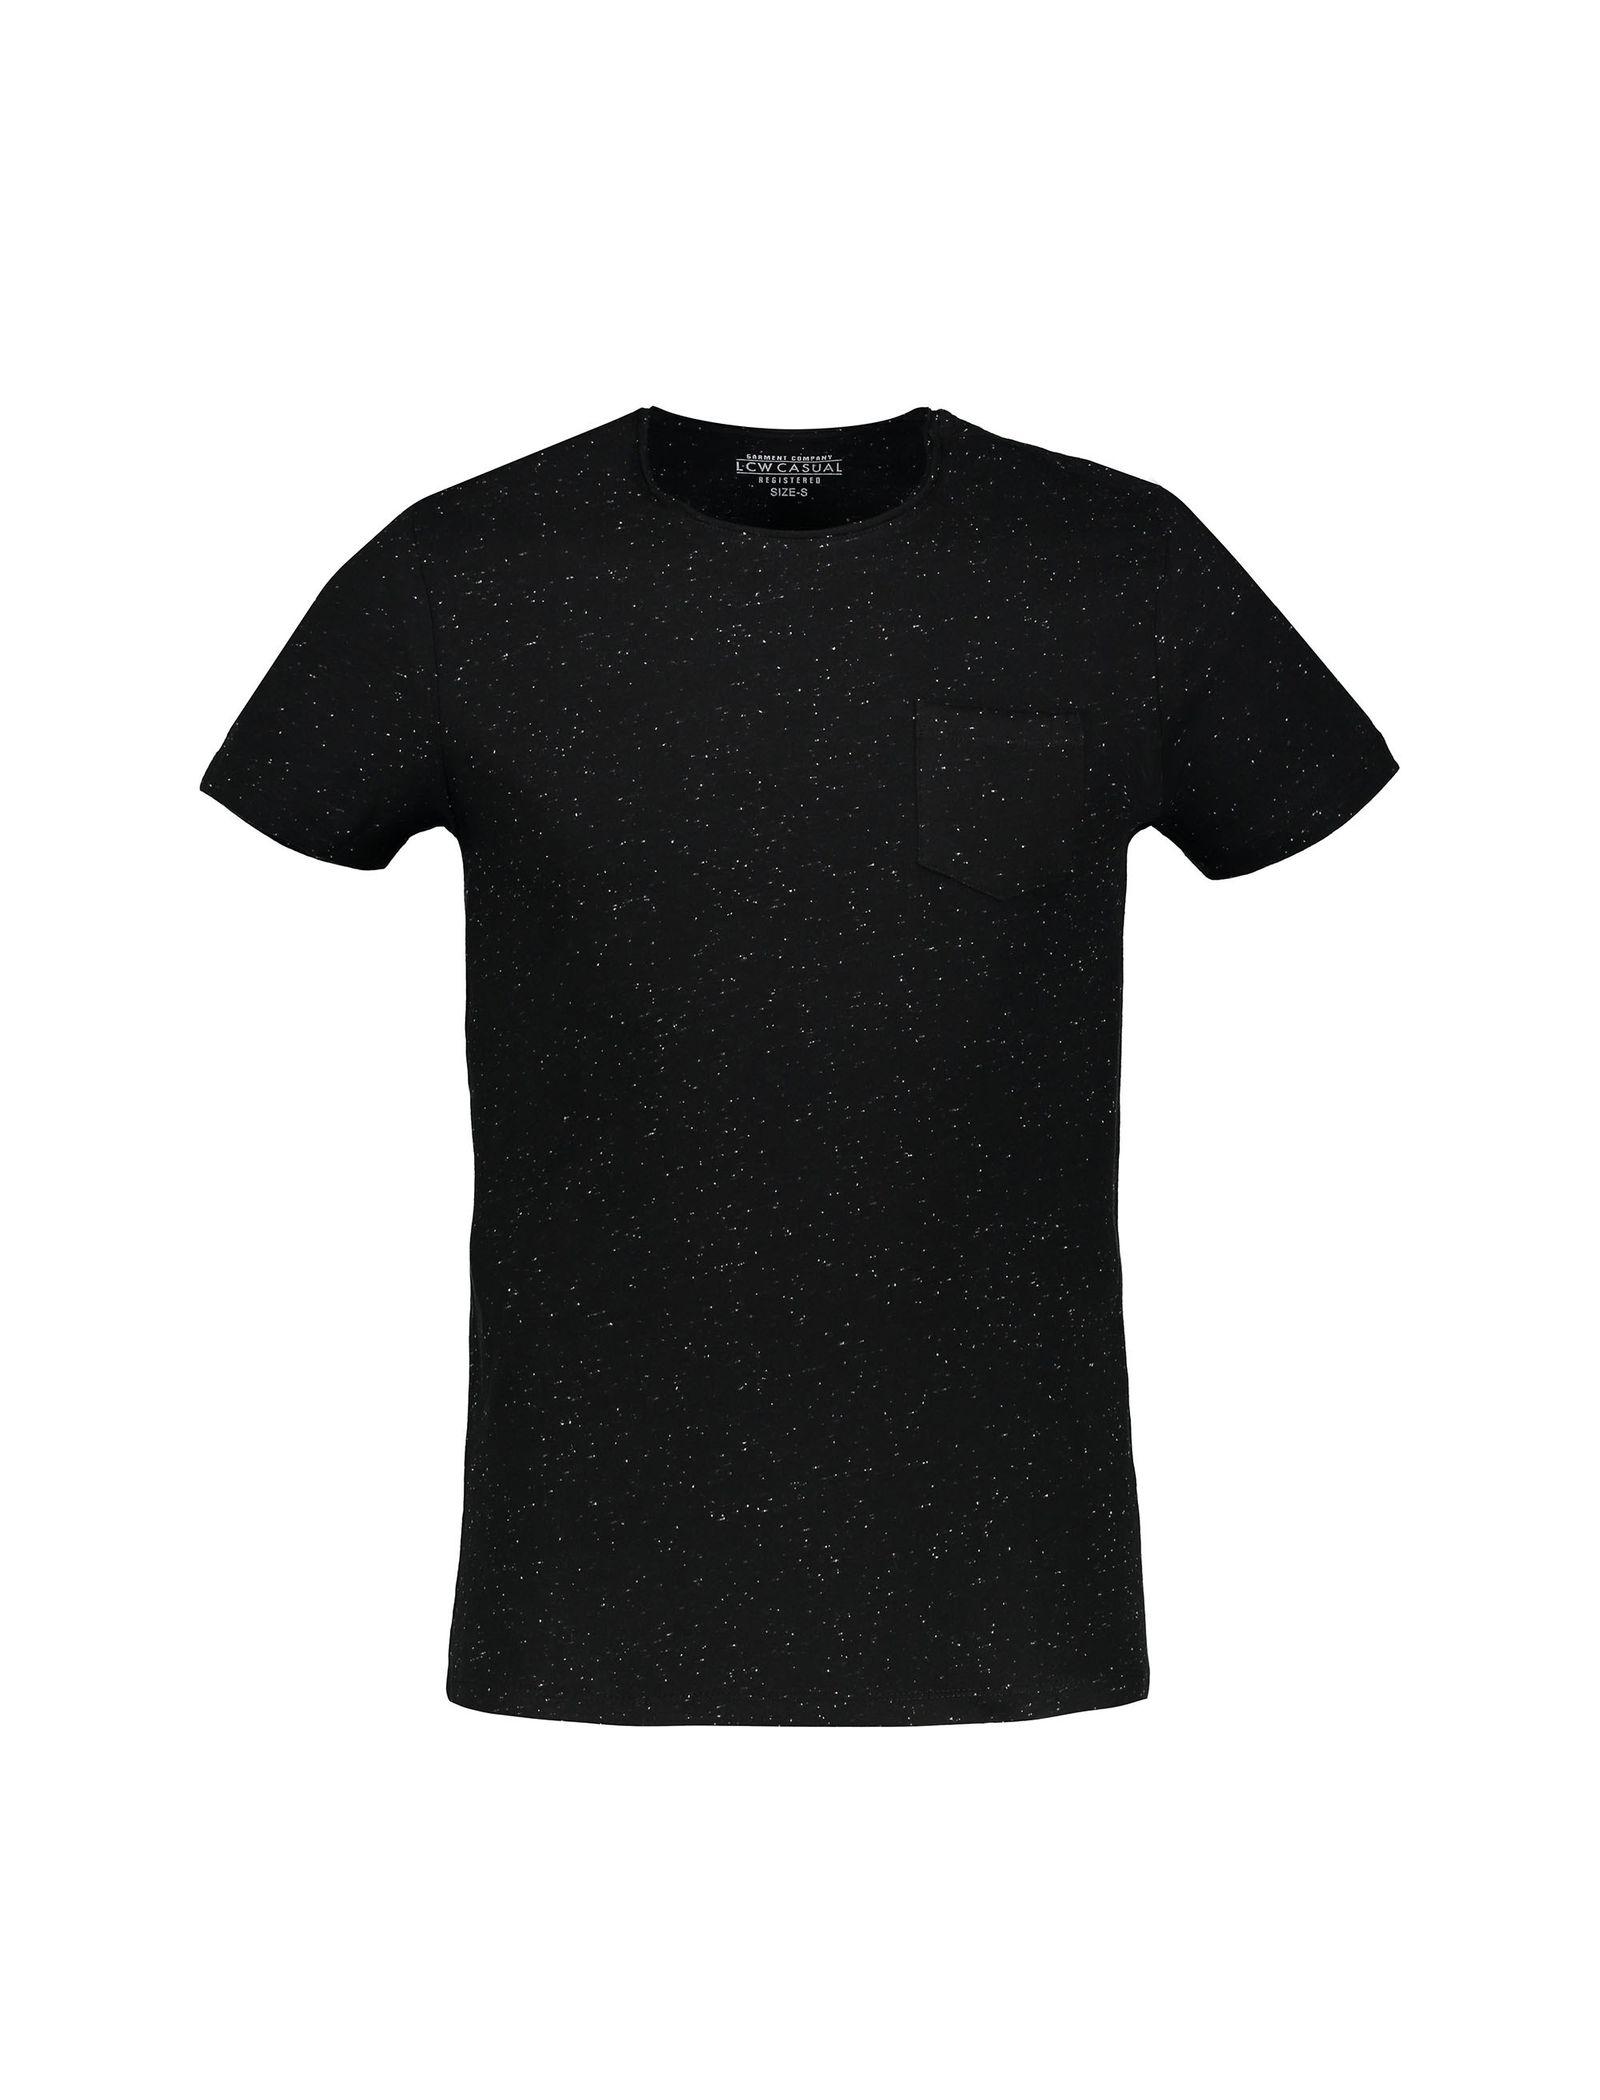 تی شرت نخی یقه گرد مردانه - ال سی وایکیکی - مشکي - 1